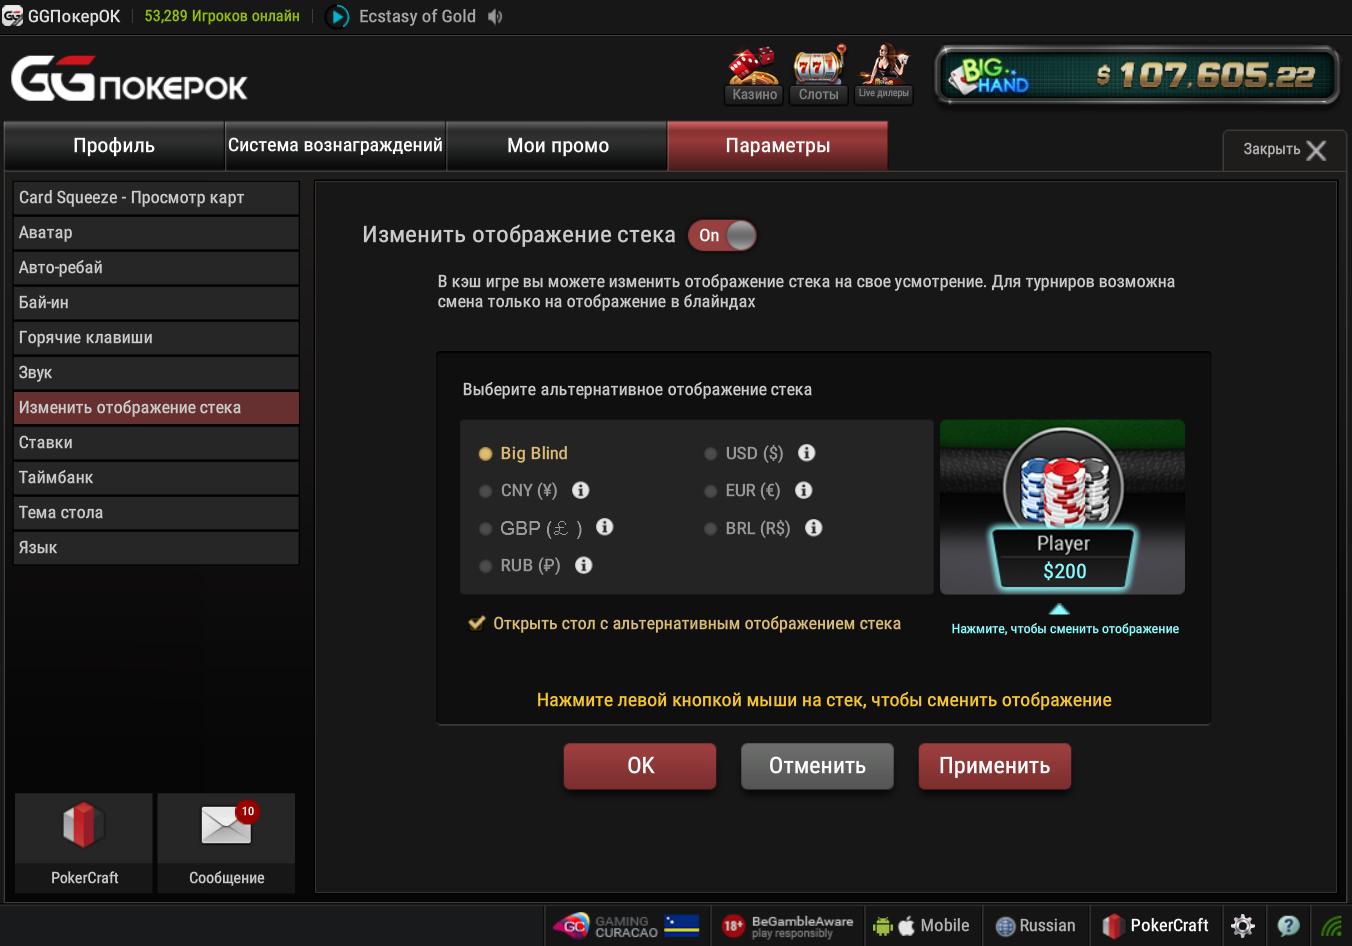 100% тест-драйв GGPokerOK — проверяем службу поддержки, депозиты-кэшауты,  верификацию и поле игроков | PekarStas.com